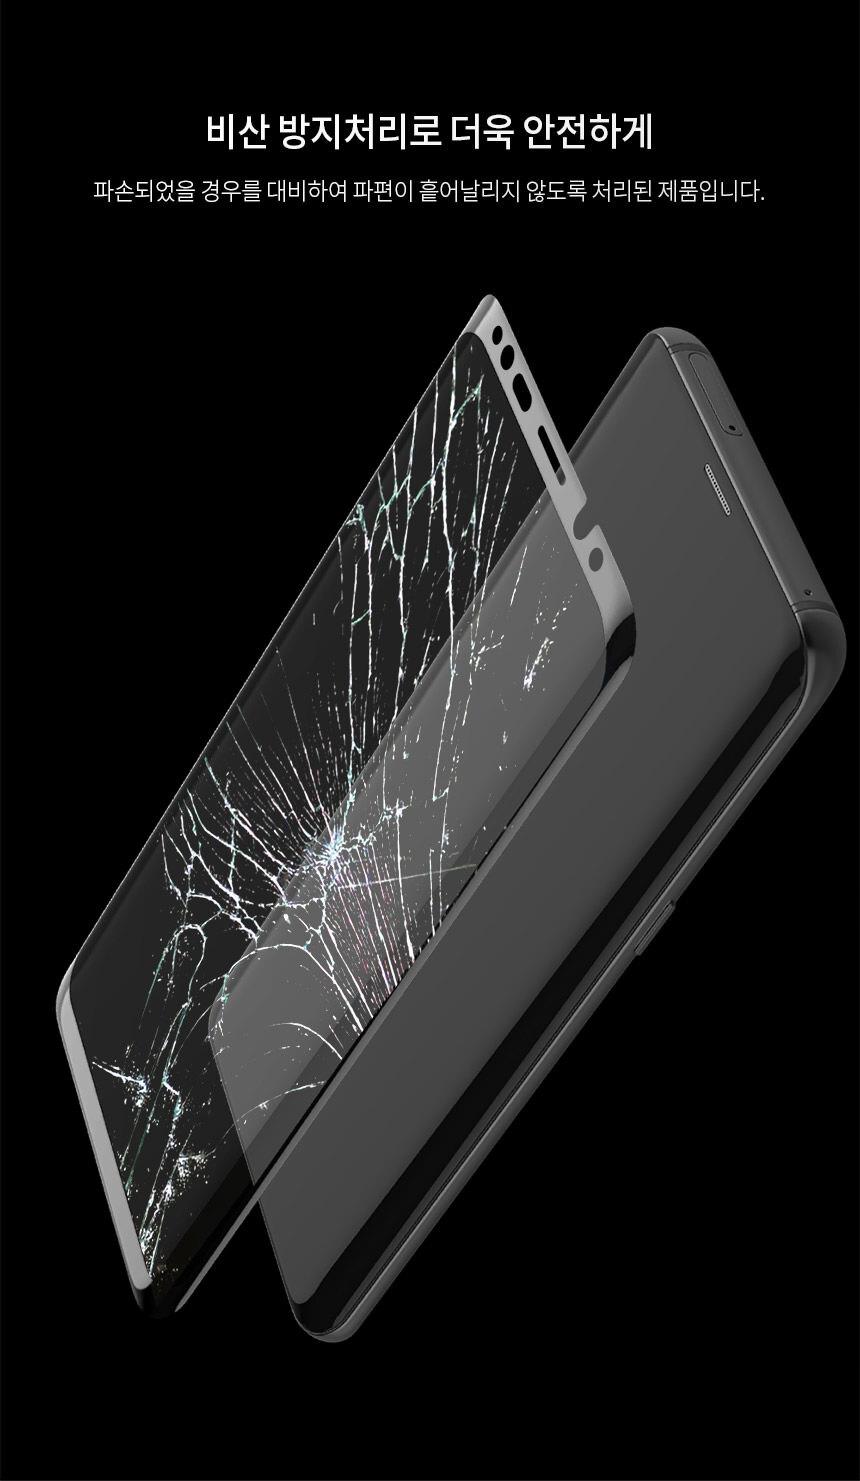 갤럭시S9플러스 4D 풀커버 강화유리 액정보호 필름 - VICXXO, 10,900원, 필름/스킨, 갤럭시S9/S9플러스